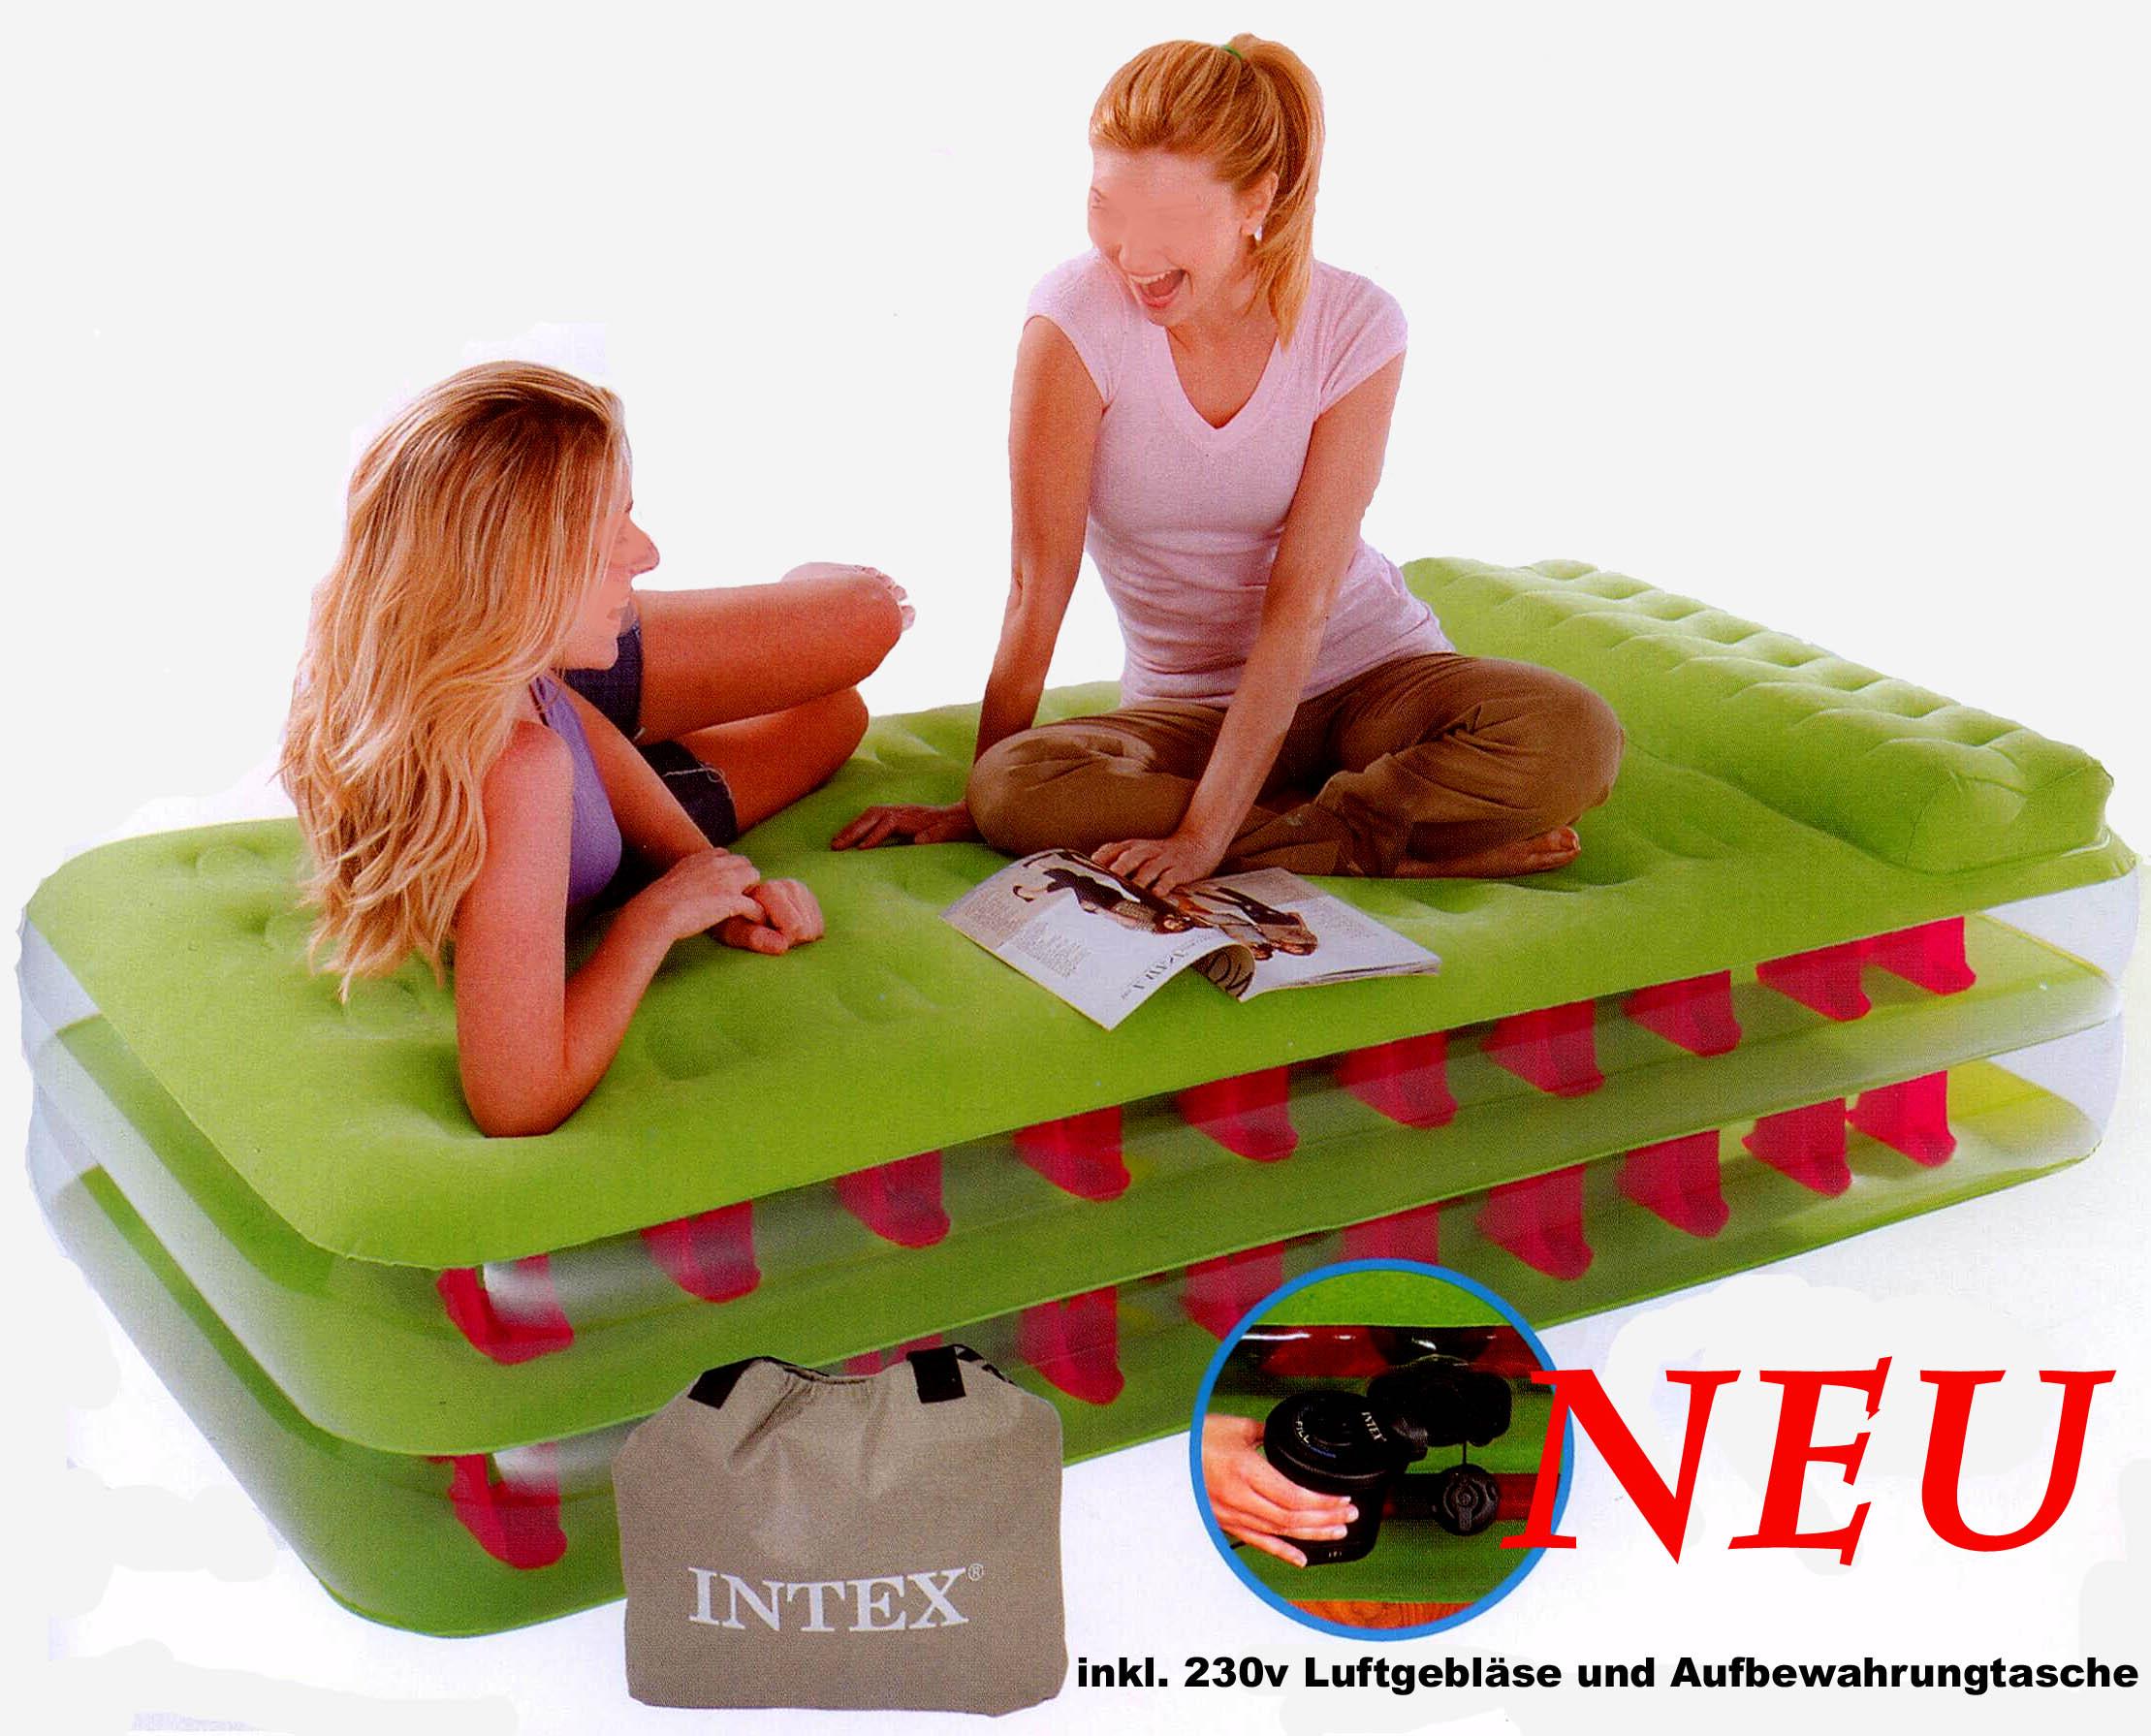 Nein Intex Luftbett 191x99x47 cm Gästebett Bett elektrische Pumpe